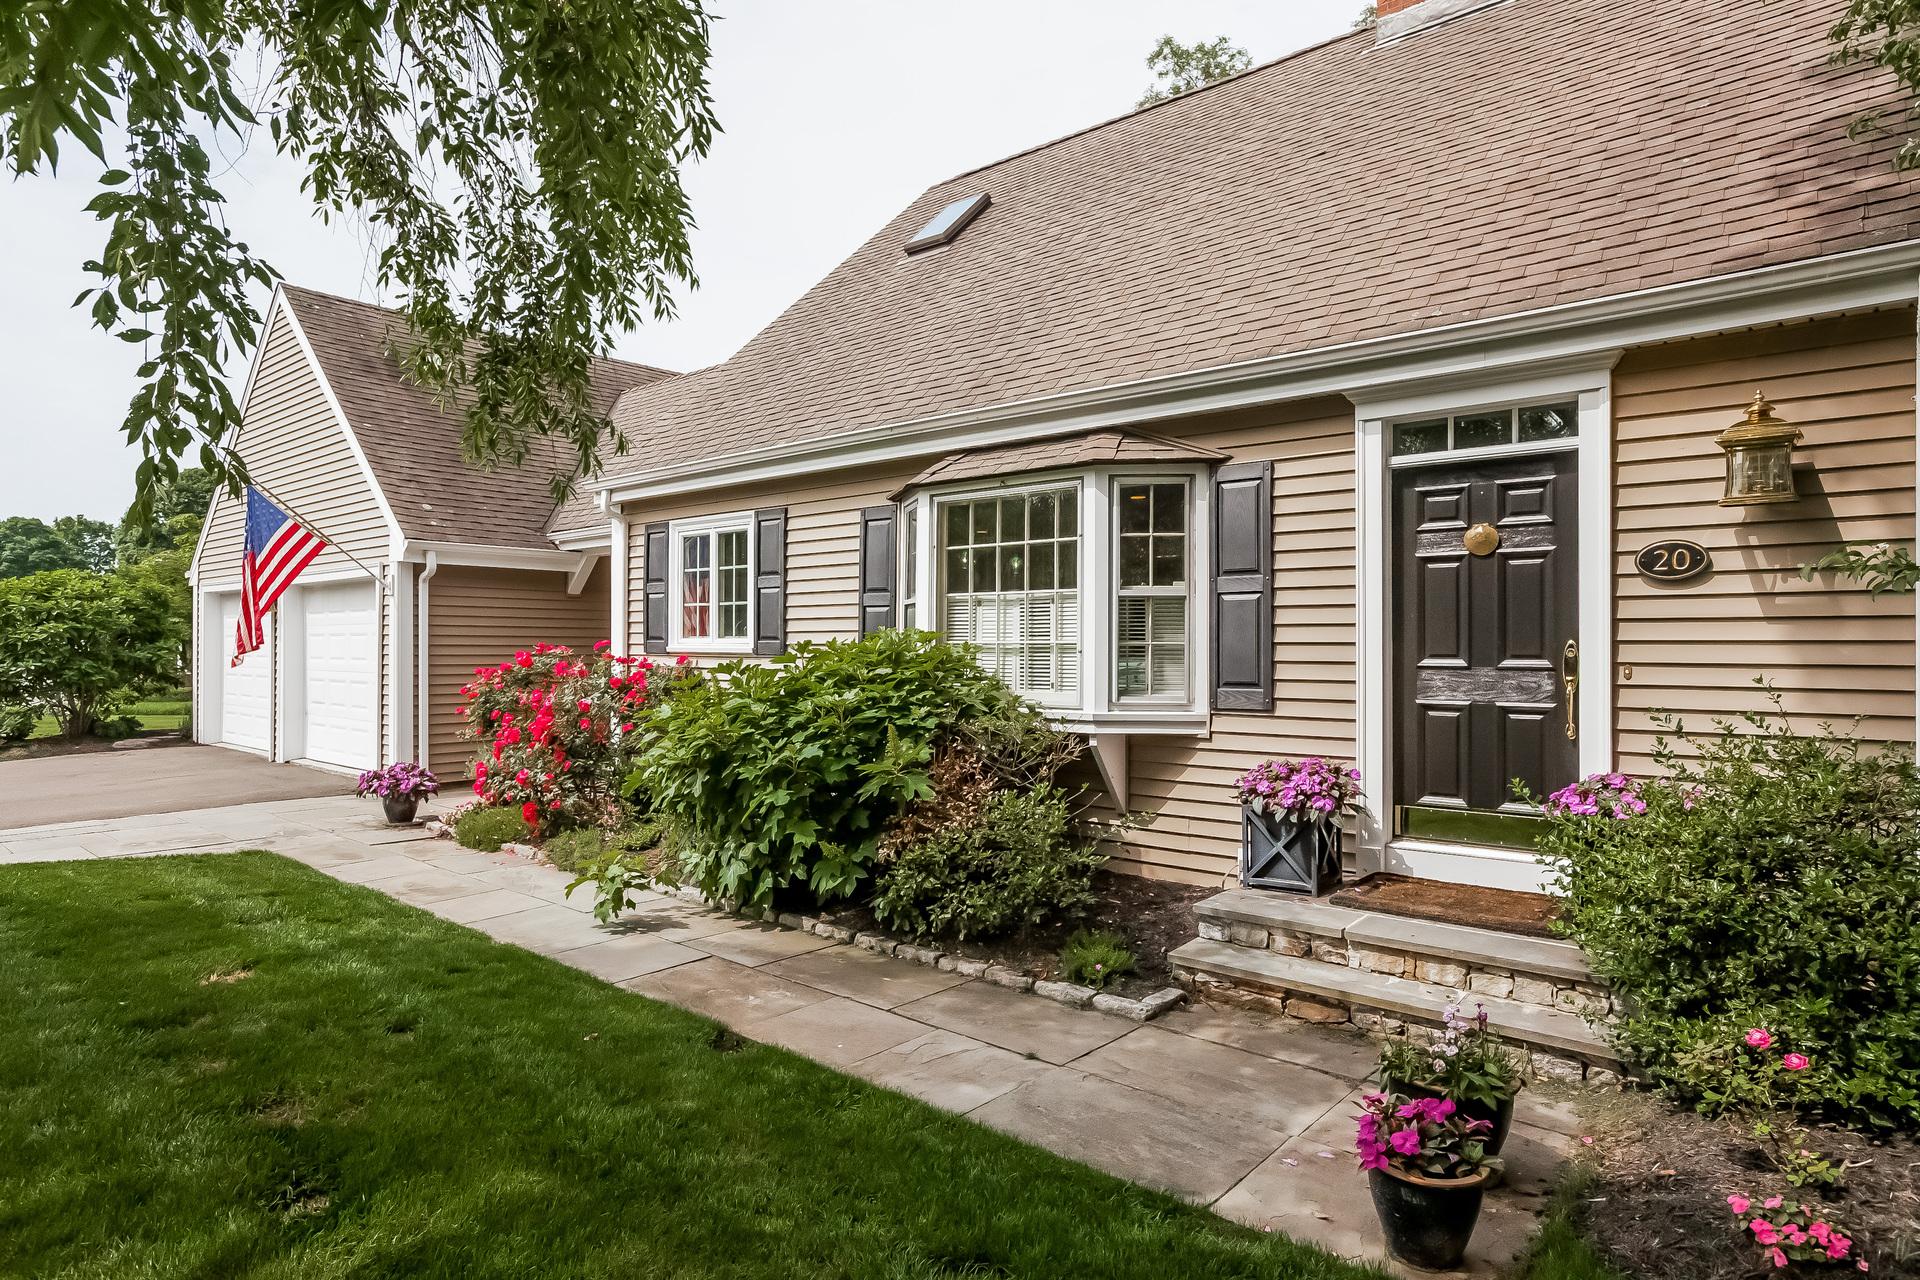 独户住宅 为 销售 在 20 Cromwell Ct Old Saybrook, 康涅狄格州 06475 美国